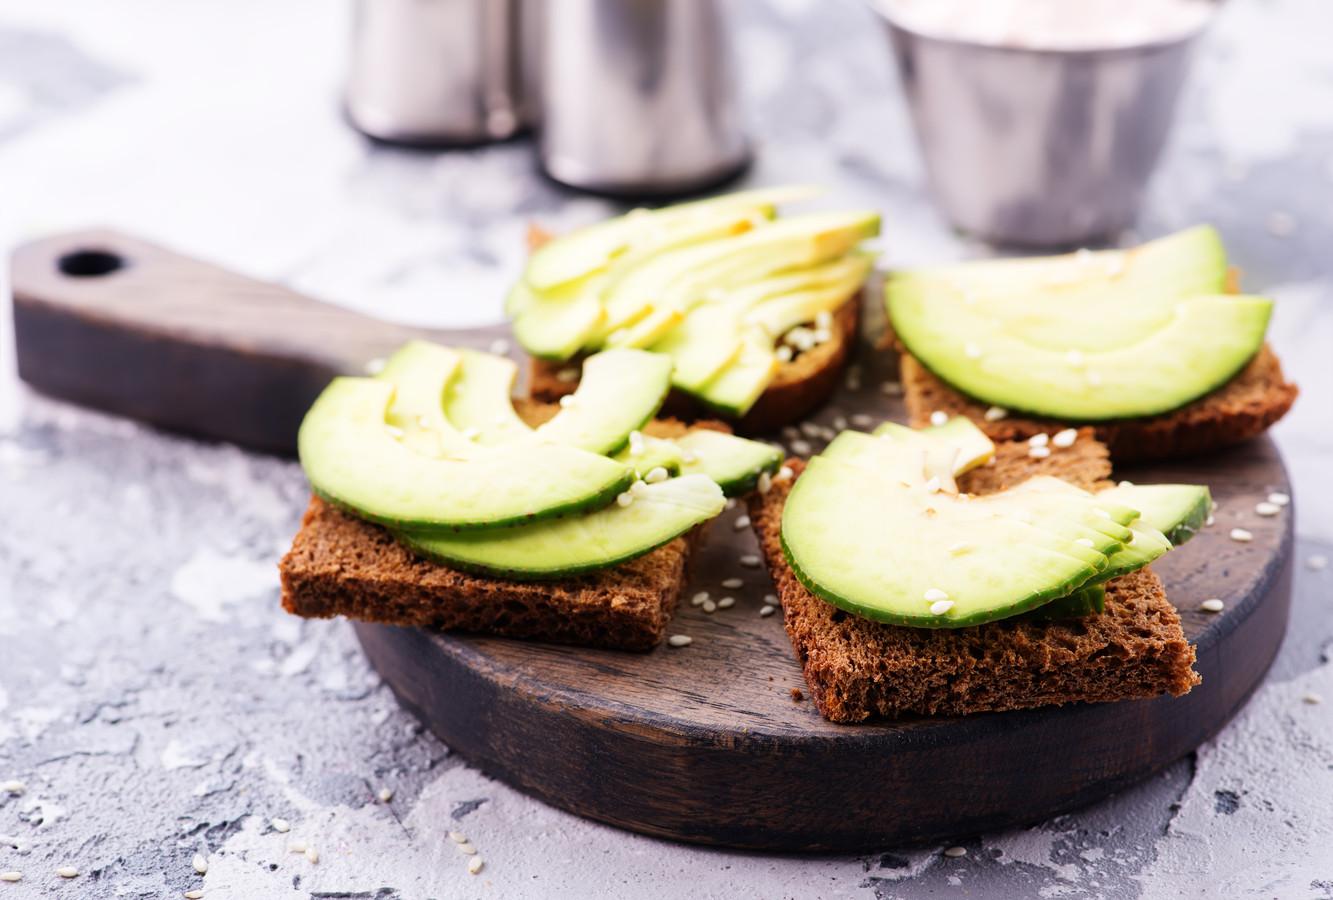 Avocado wordt gezien als gezond, maar voor de productie ervan is veel water nodig. De vrucht zit ook vol calorieën.